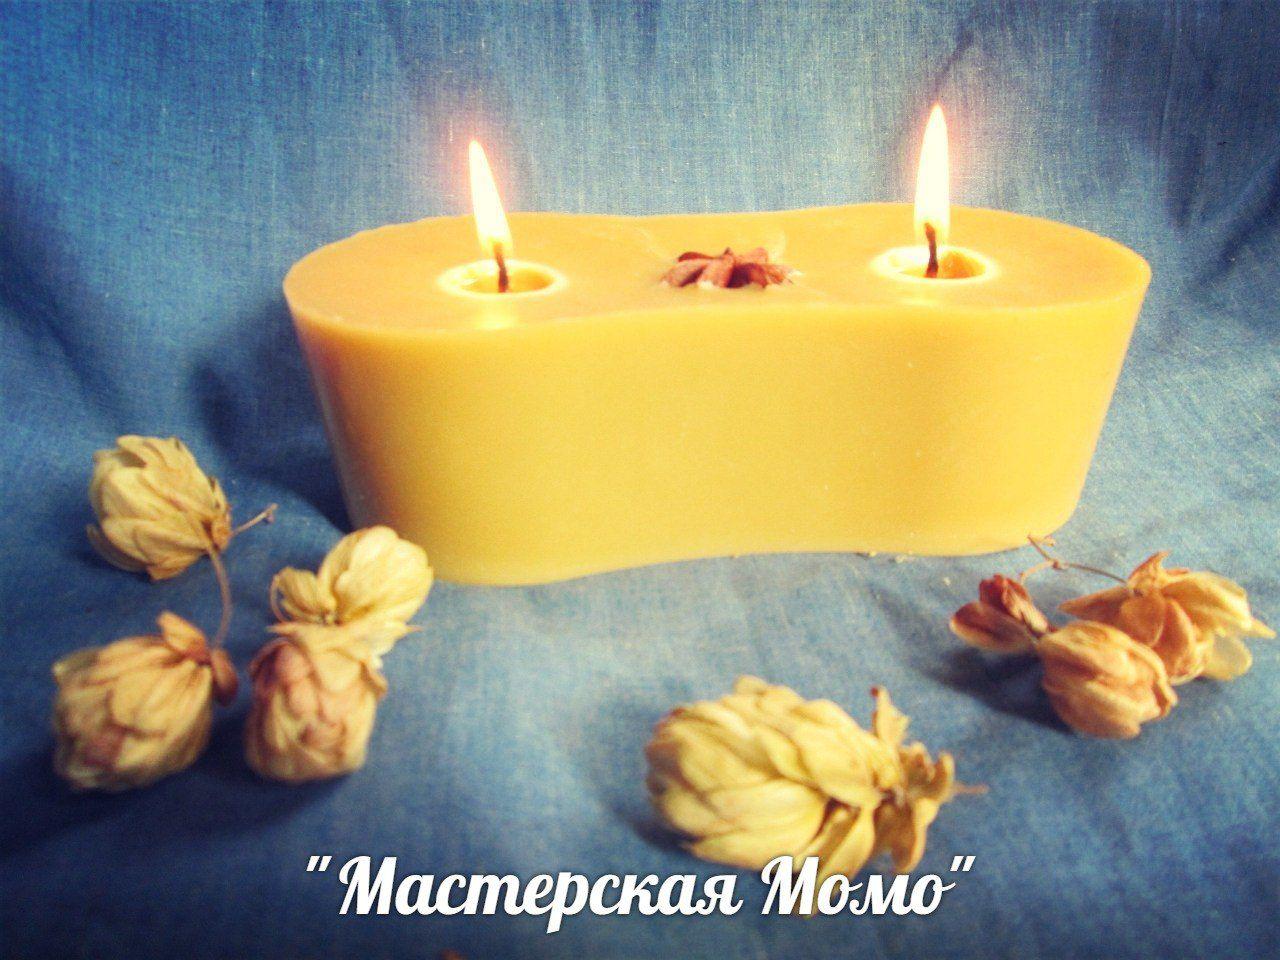 свидание свеча подарок нежный мужчине. из любовь воска сувенир ручной работы романтика романтический девушке отношения